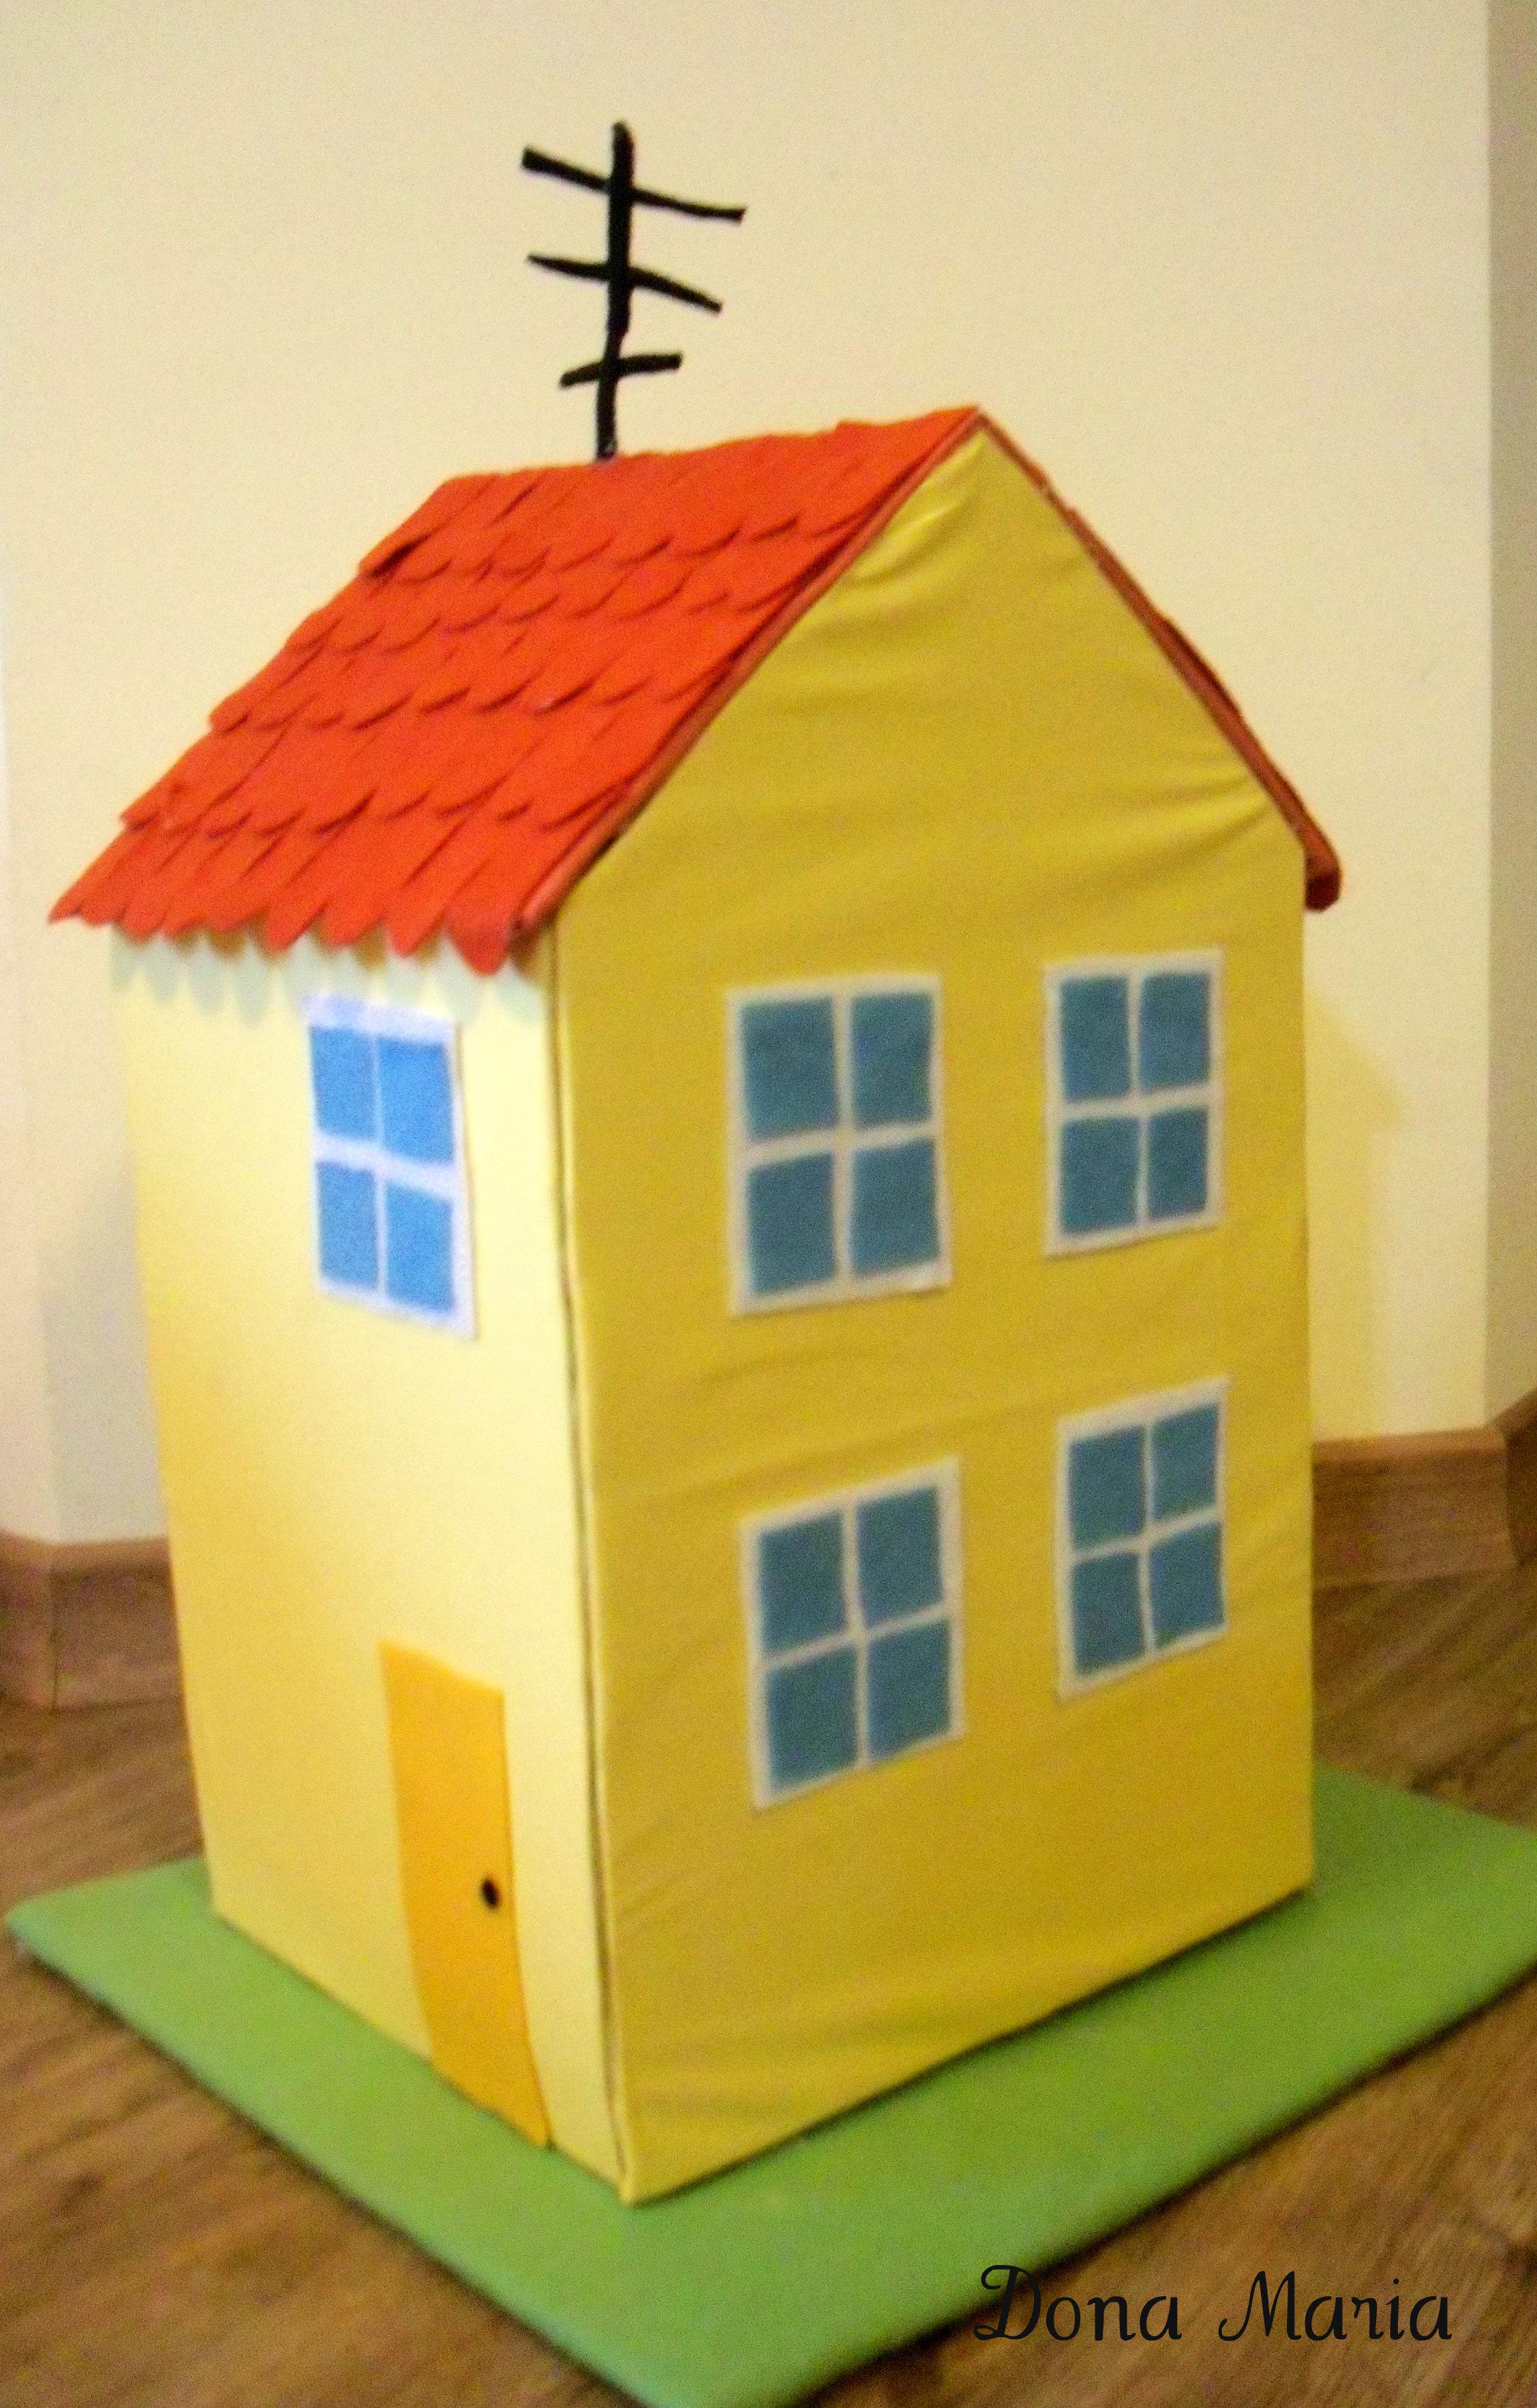 Casa peppa pig dona maria das artes elo7 - Casas embargadas la caixa ...